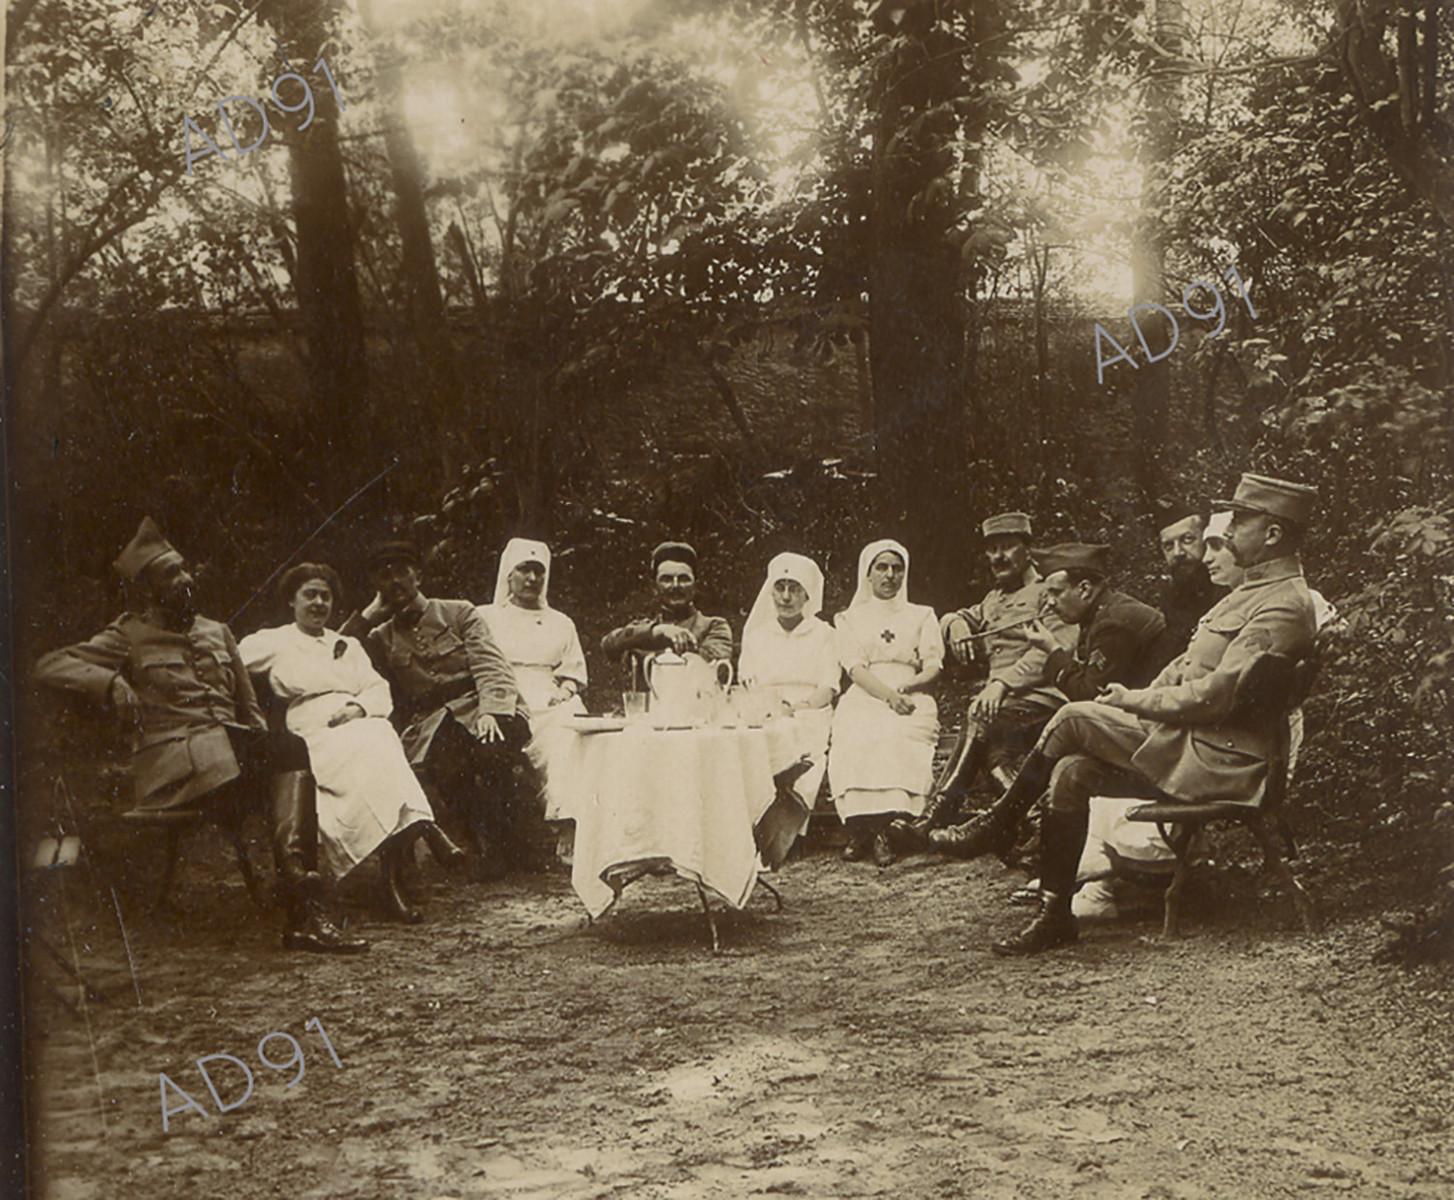 8 - Pose thé au jardin où Clémence Giraux se trouve en compagnie de blessés, de médecins et d'infirmières. (032NUM048/34)